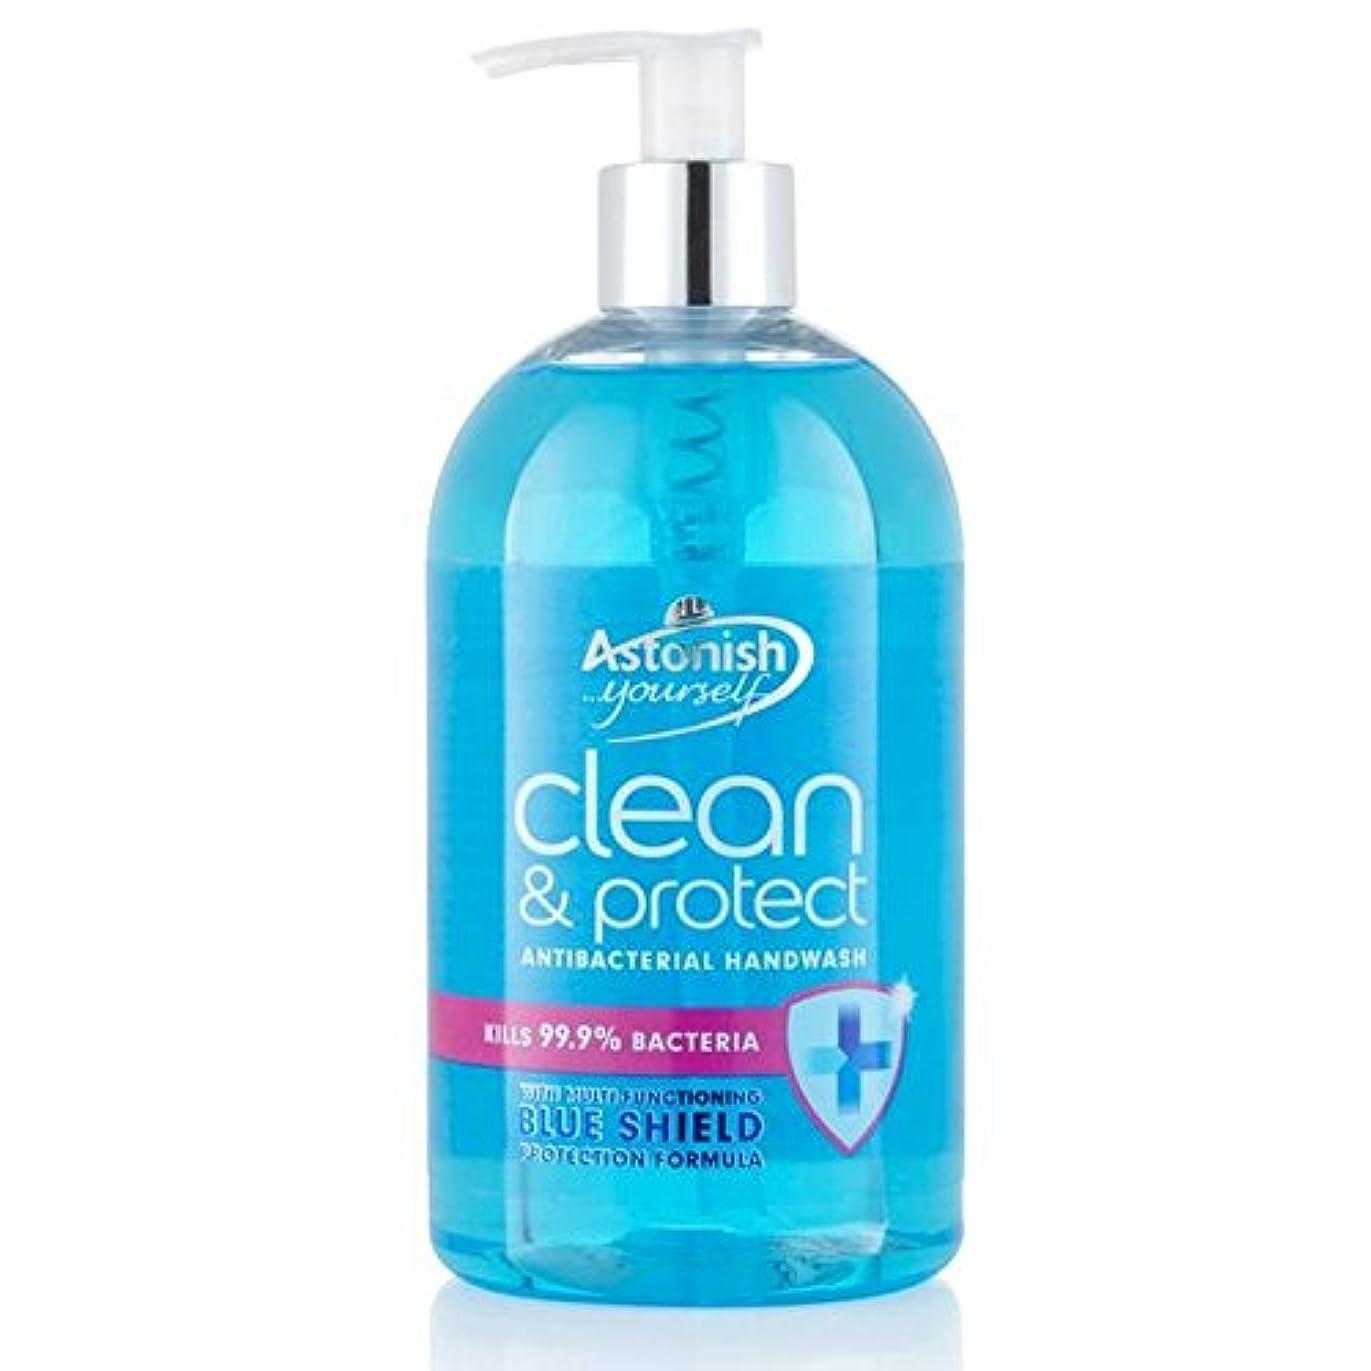 忘れっぽい忠実な花婿Astonish Clean & Protect Hand Wash 500ml (Pack of 6) - クリーン驚か&ハンドウォッシュ500ミリリットルを保護 x6 [並行輸入品]